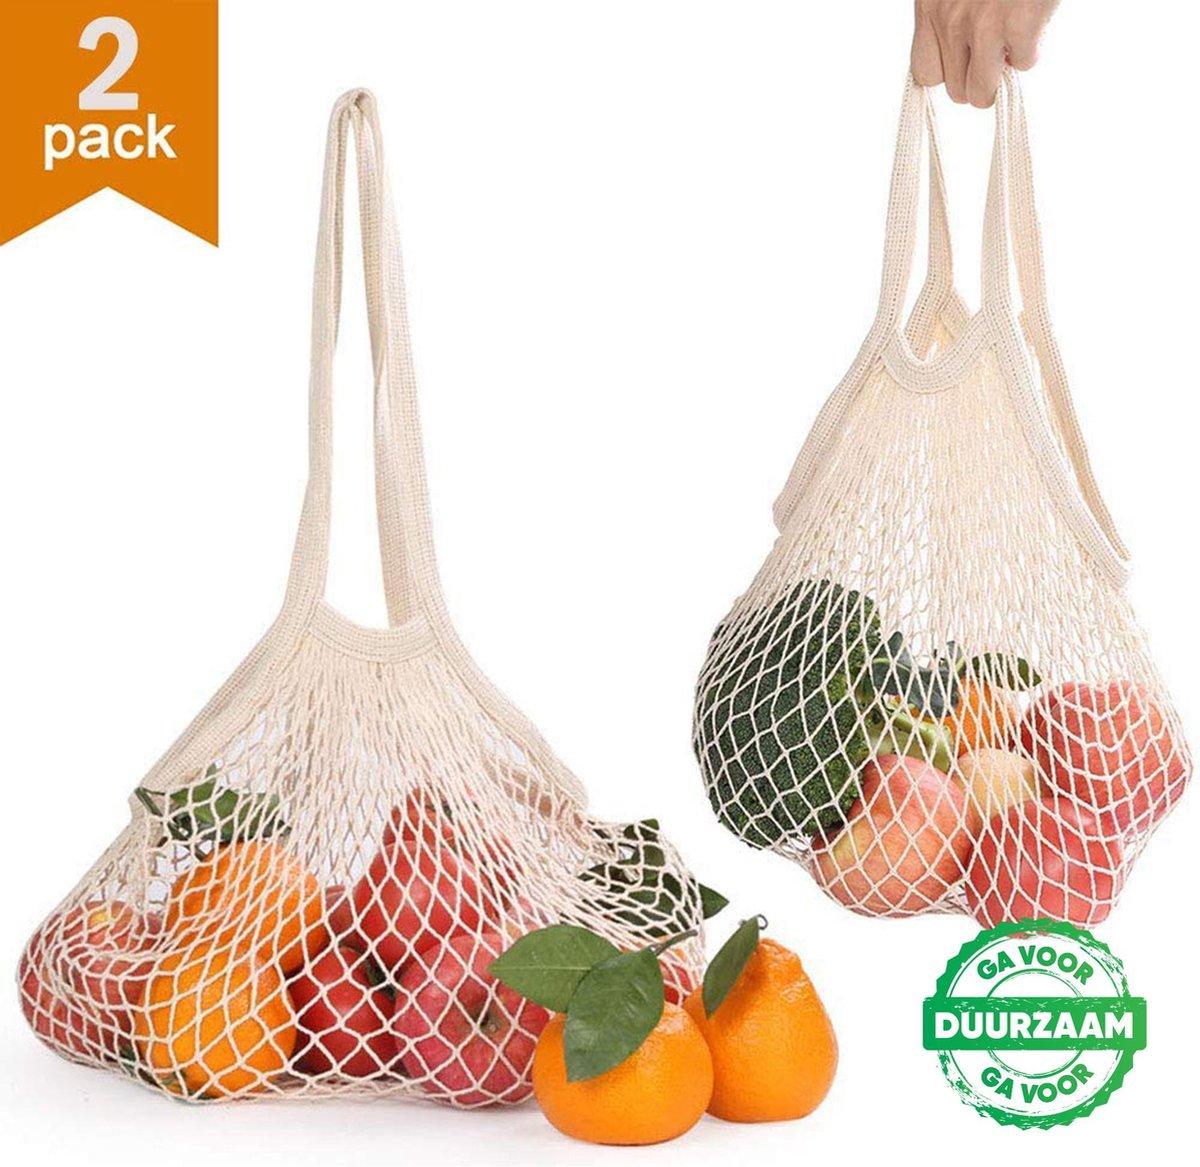 2x Zero Waste Nettas Herbruikbare Boodschappentas / Groenten- en fruittas / Eco Bag